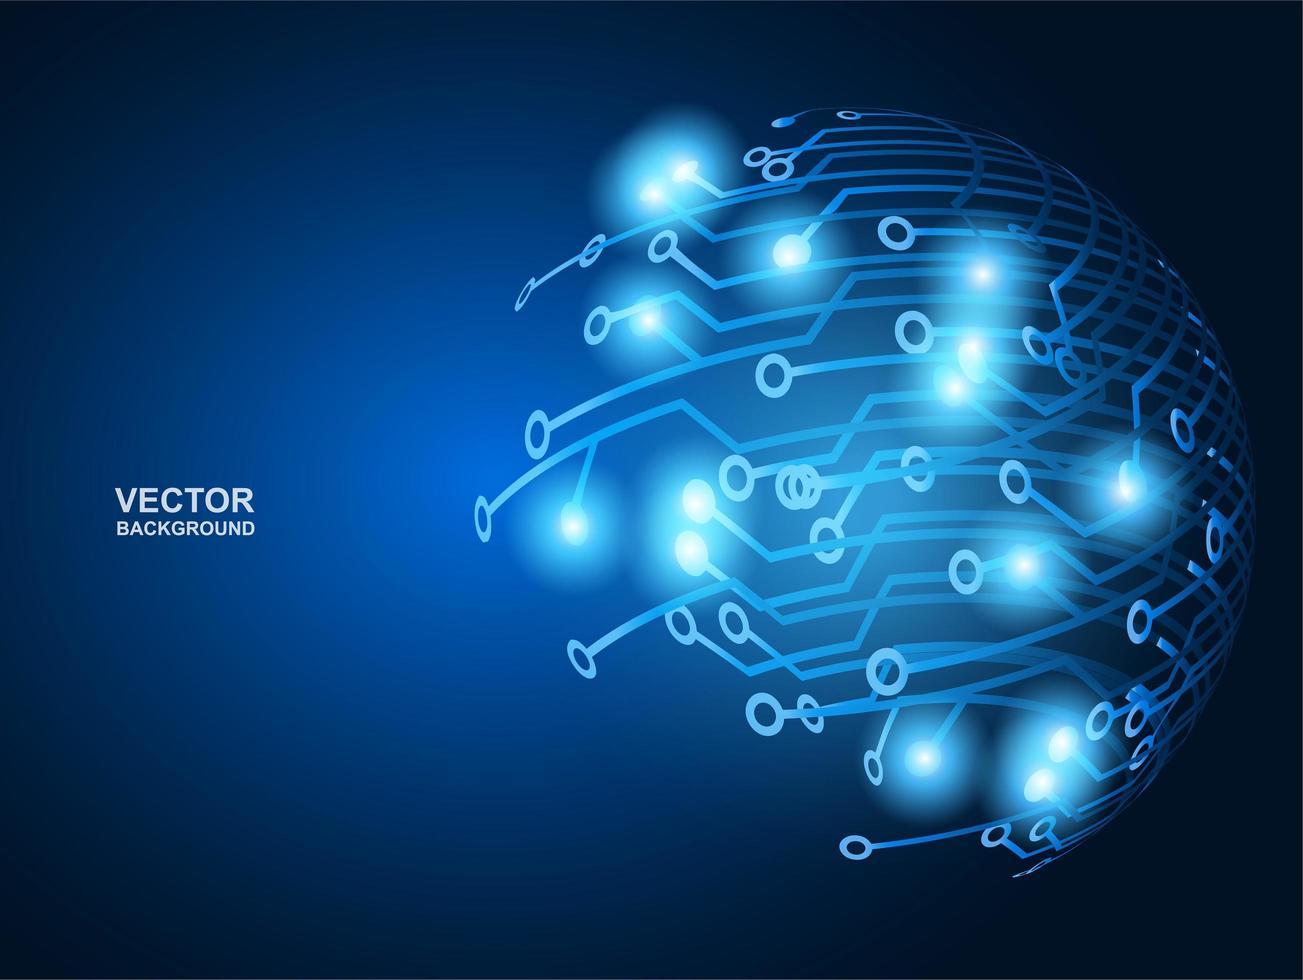 disegno del cerchio circuito blu incandescente ad alta tecnologia vettore